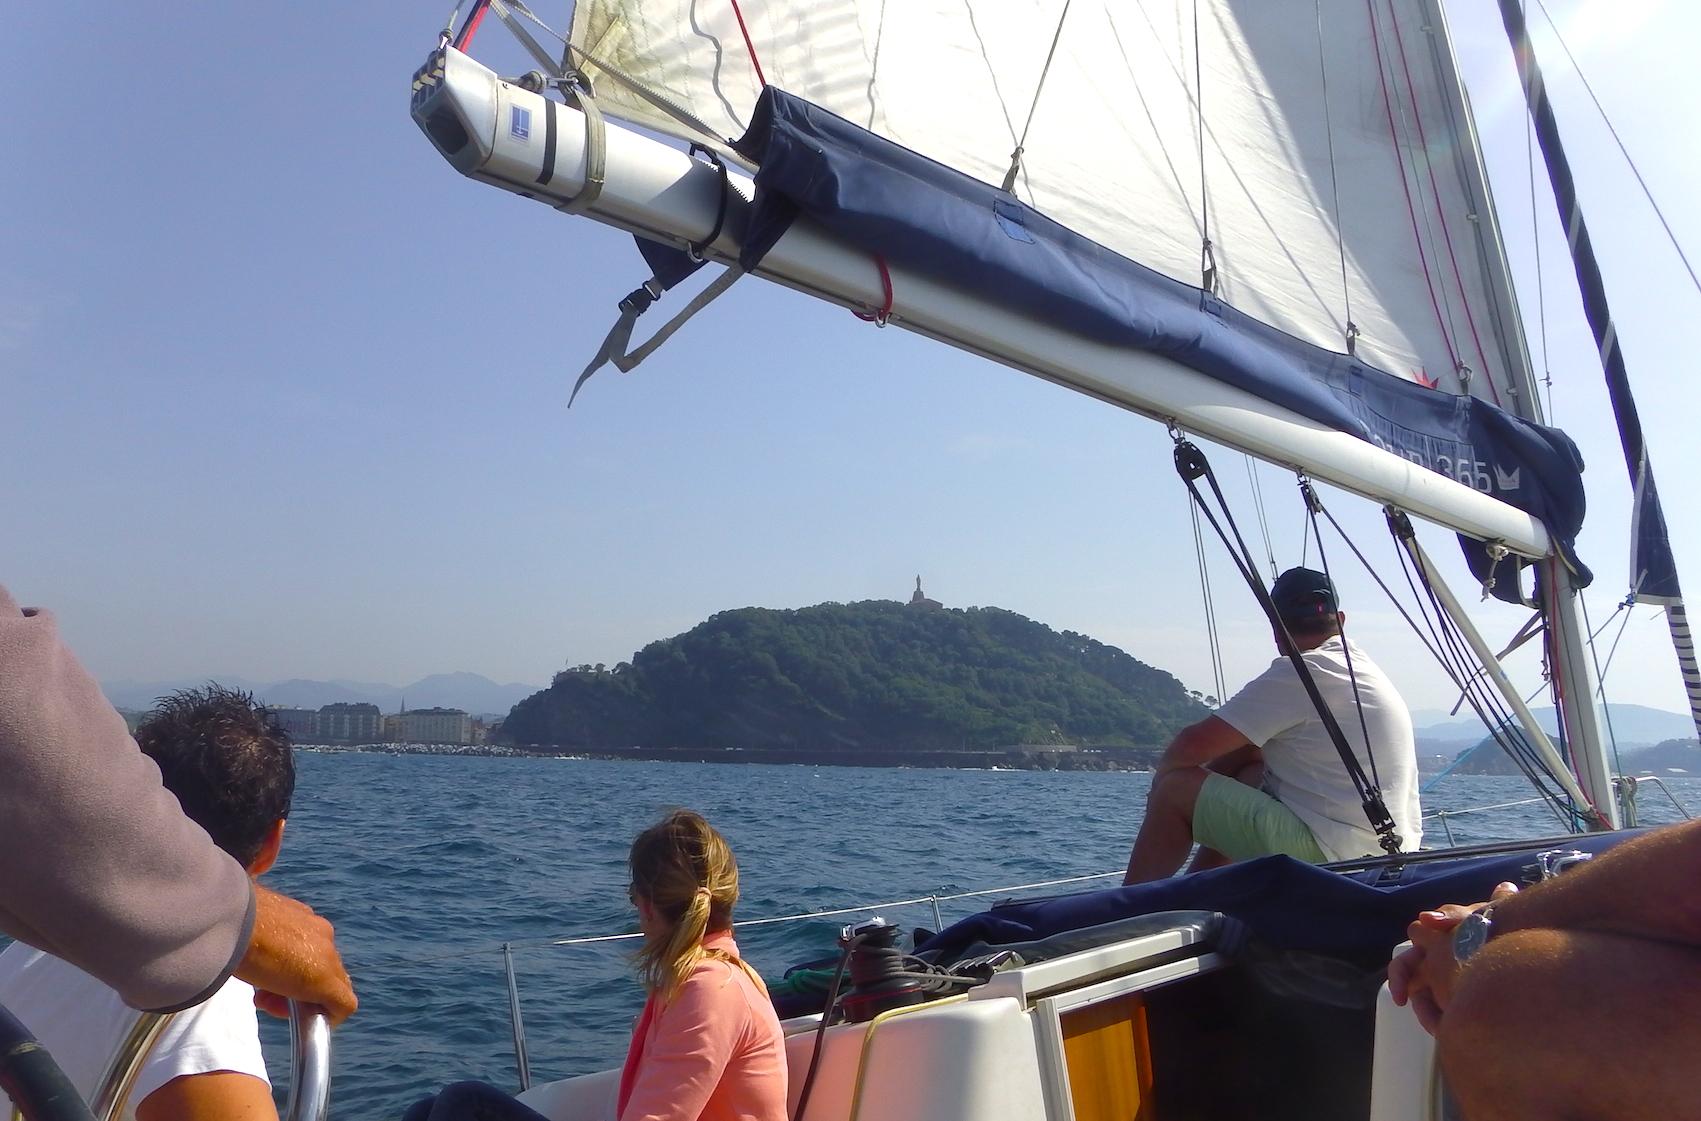 Semana-Grande-Feux-artifices-San-Sebastian-Le-cercle-evenements-agence-voyage-pays-basque-21